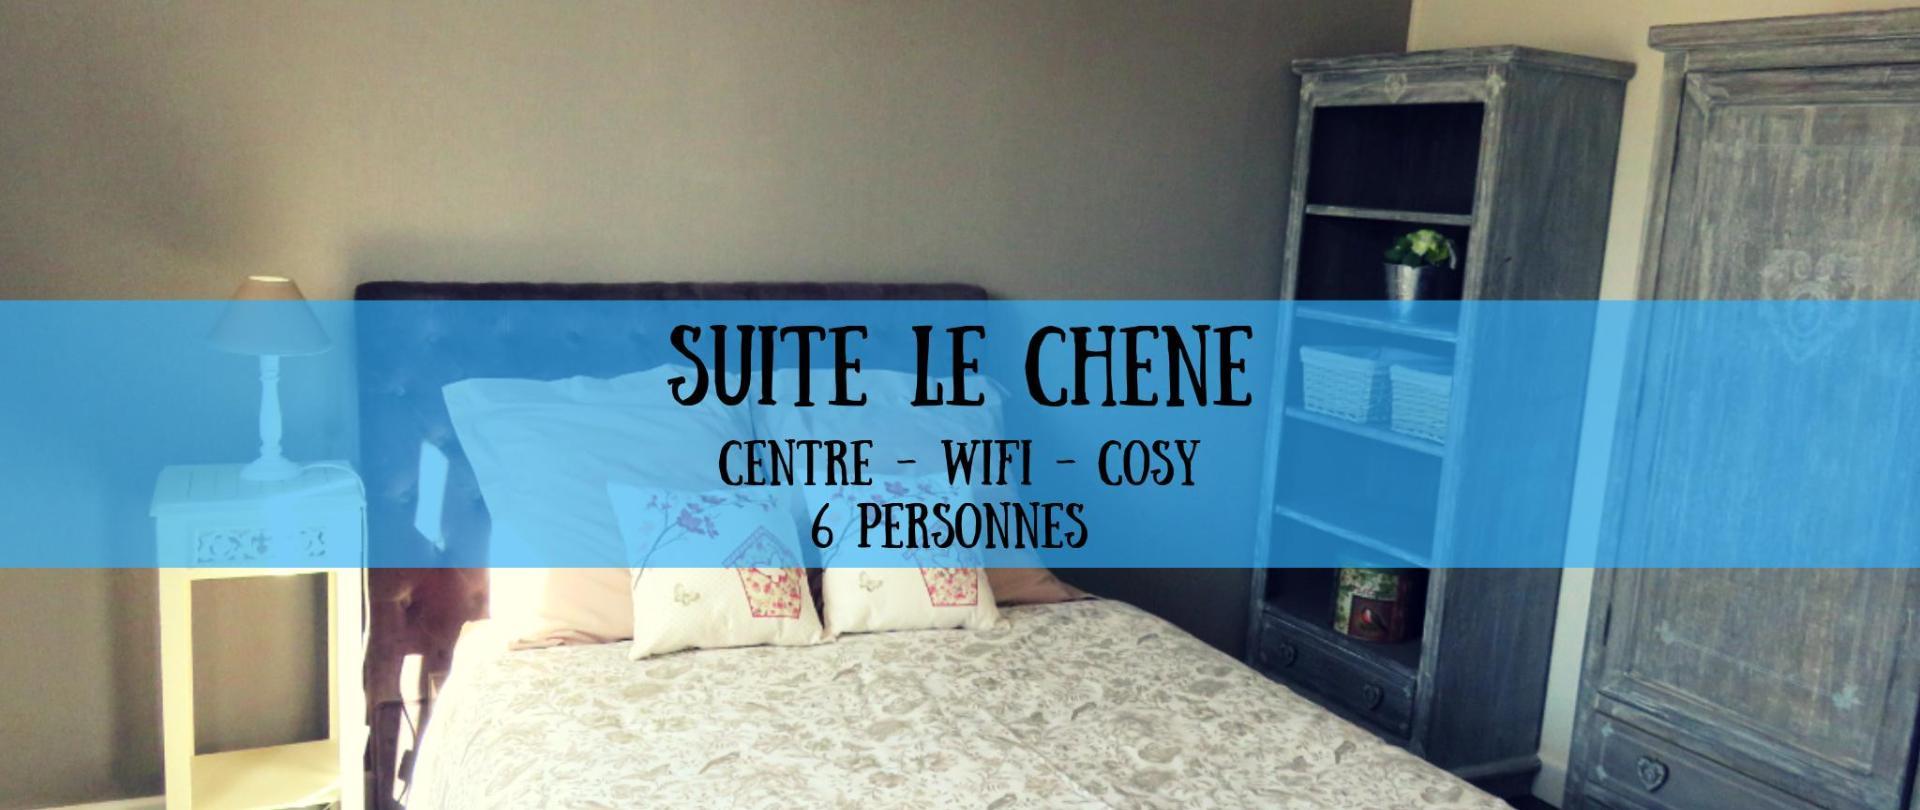 SUITE LE CHENE - LE FORMEL